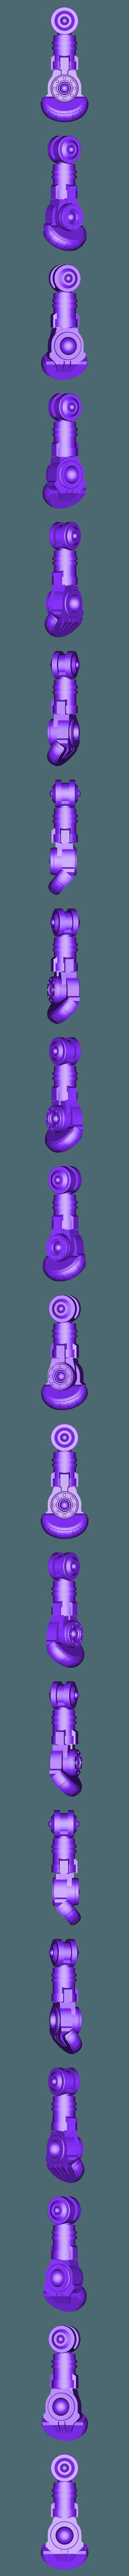 1-100th Defender Layout-HighRez-UpperLeg2.stl Télécharger fichier STL gratuit 1/100e de l'échelle Defender Mech • Design pour imprimante 3D, johnbearross